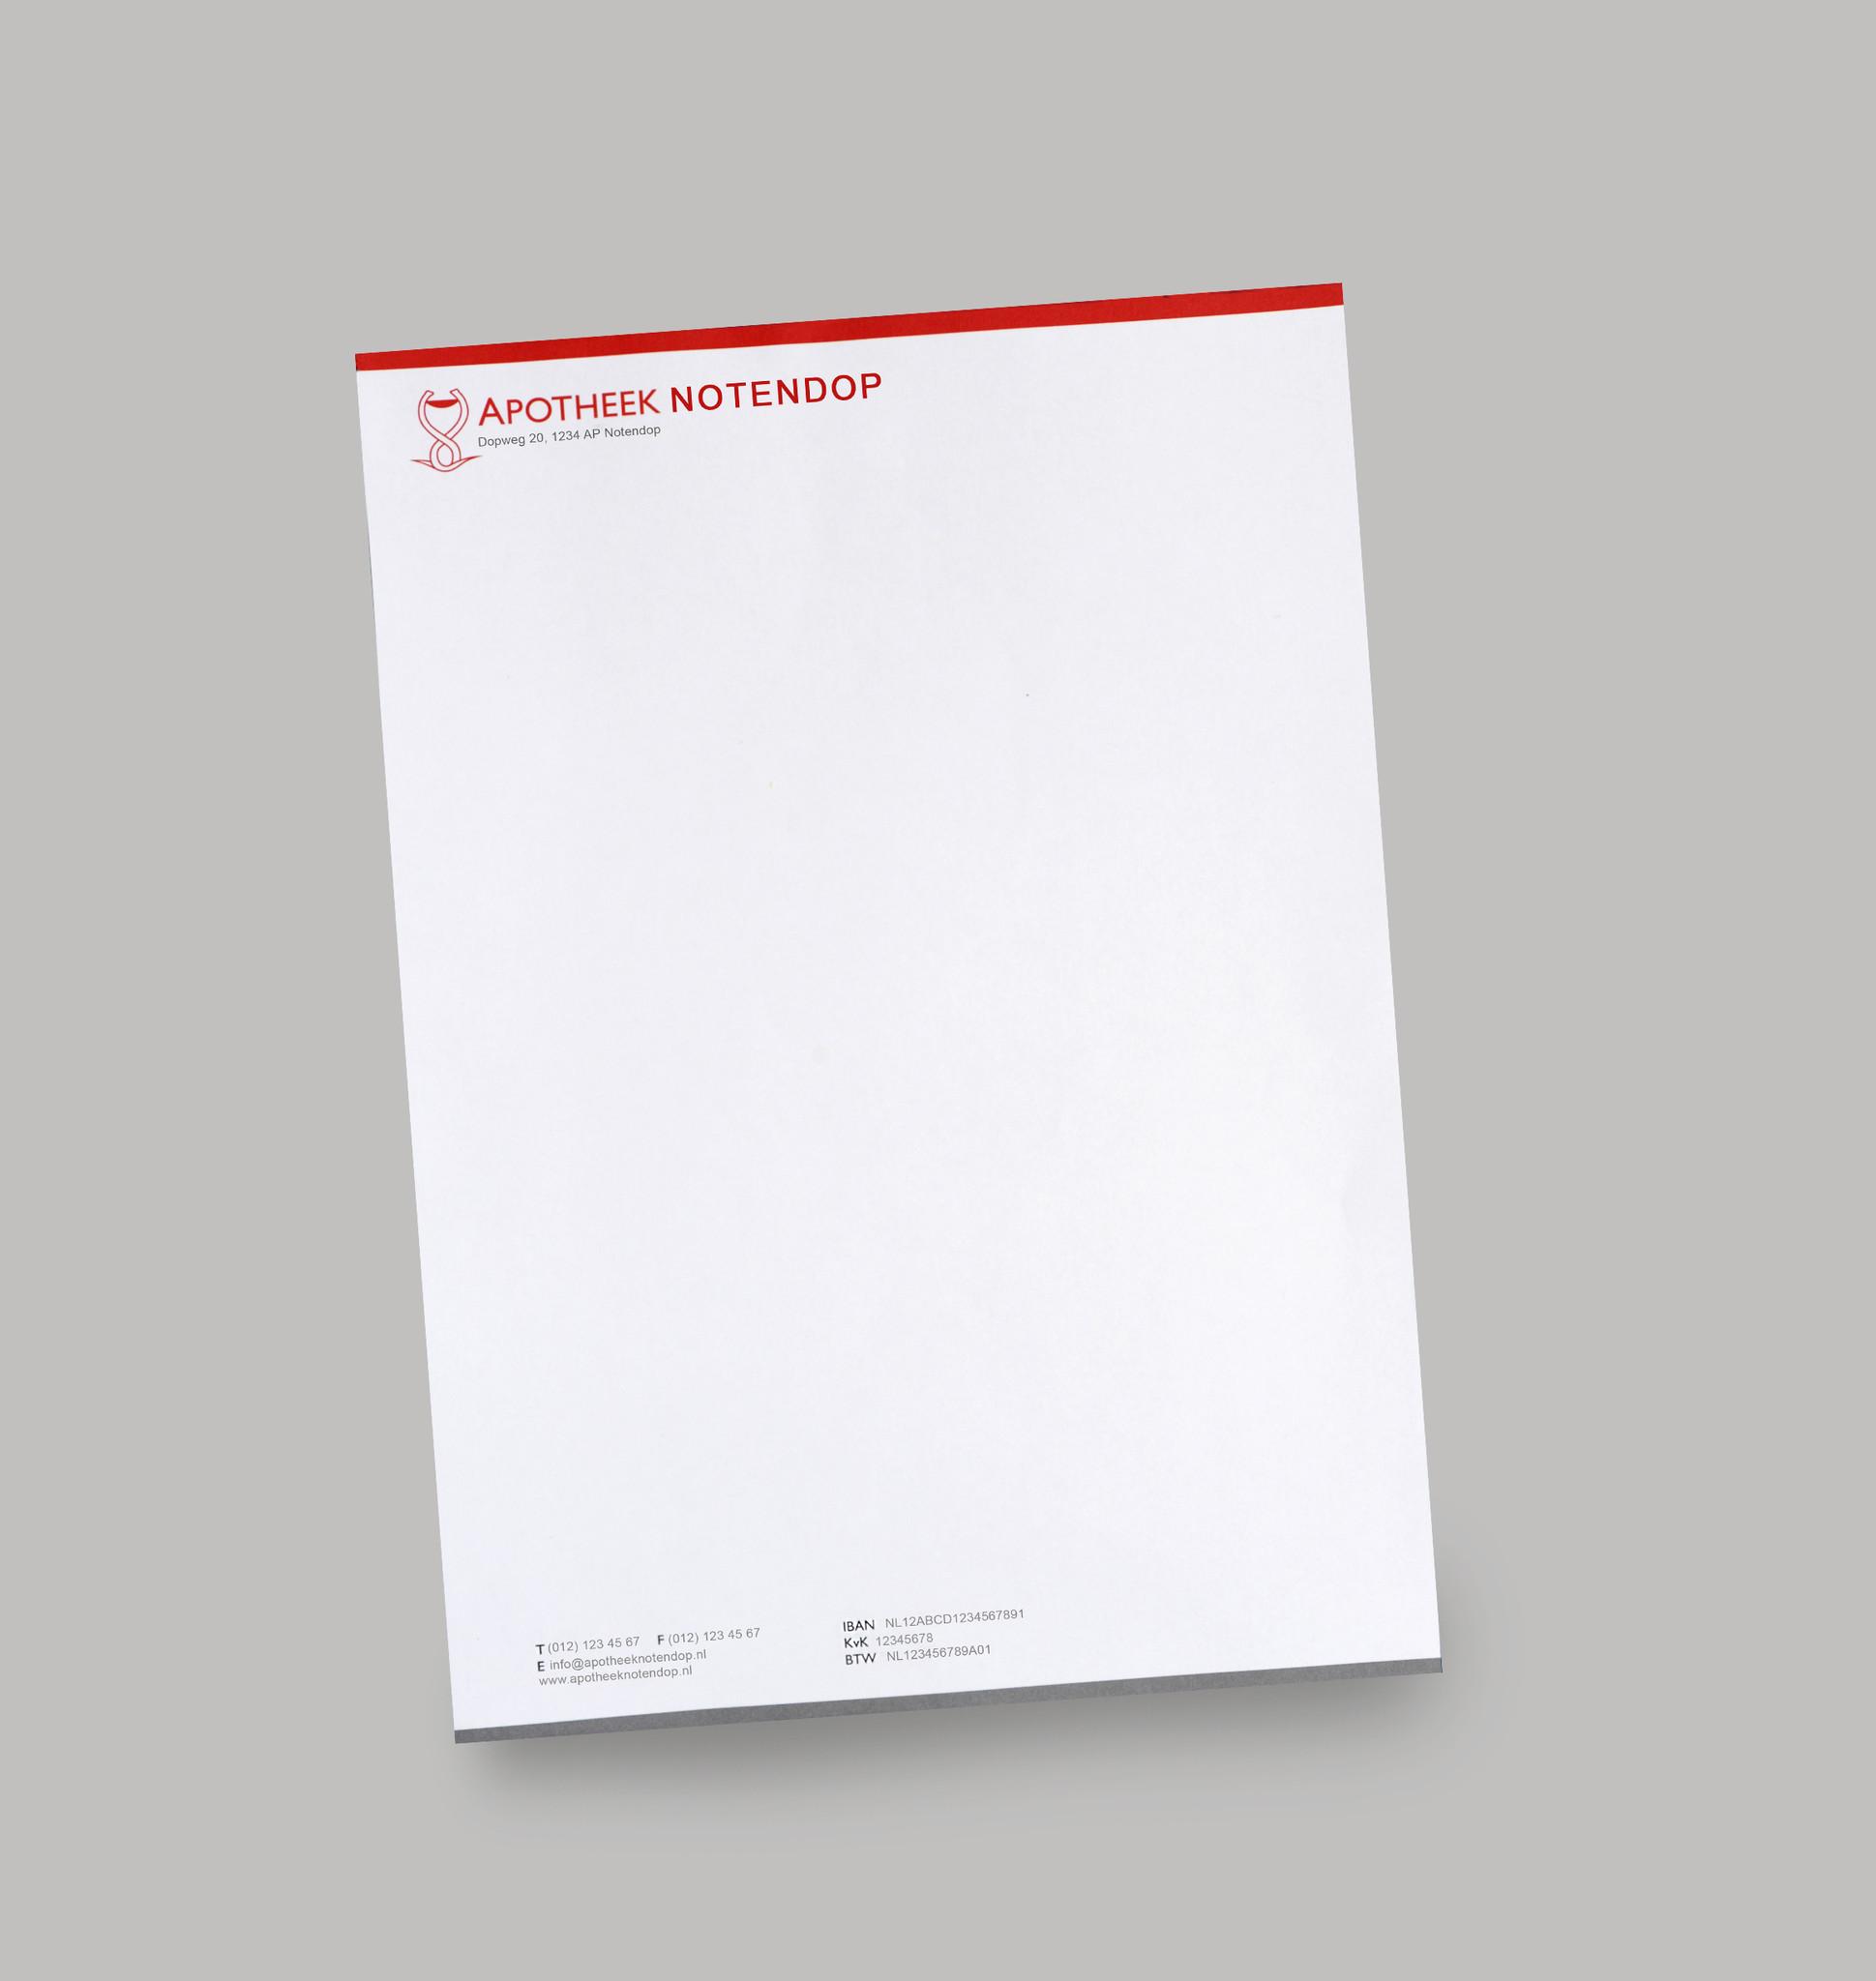 Briefpapier met uw eigen naamlogo A4